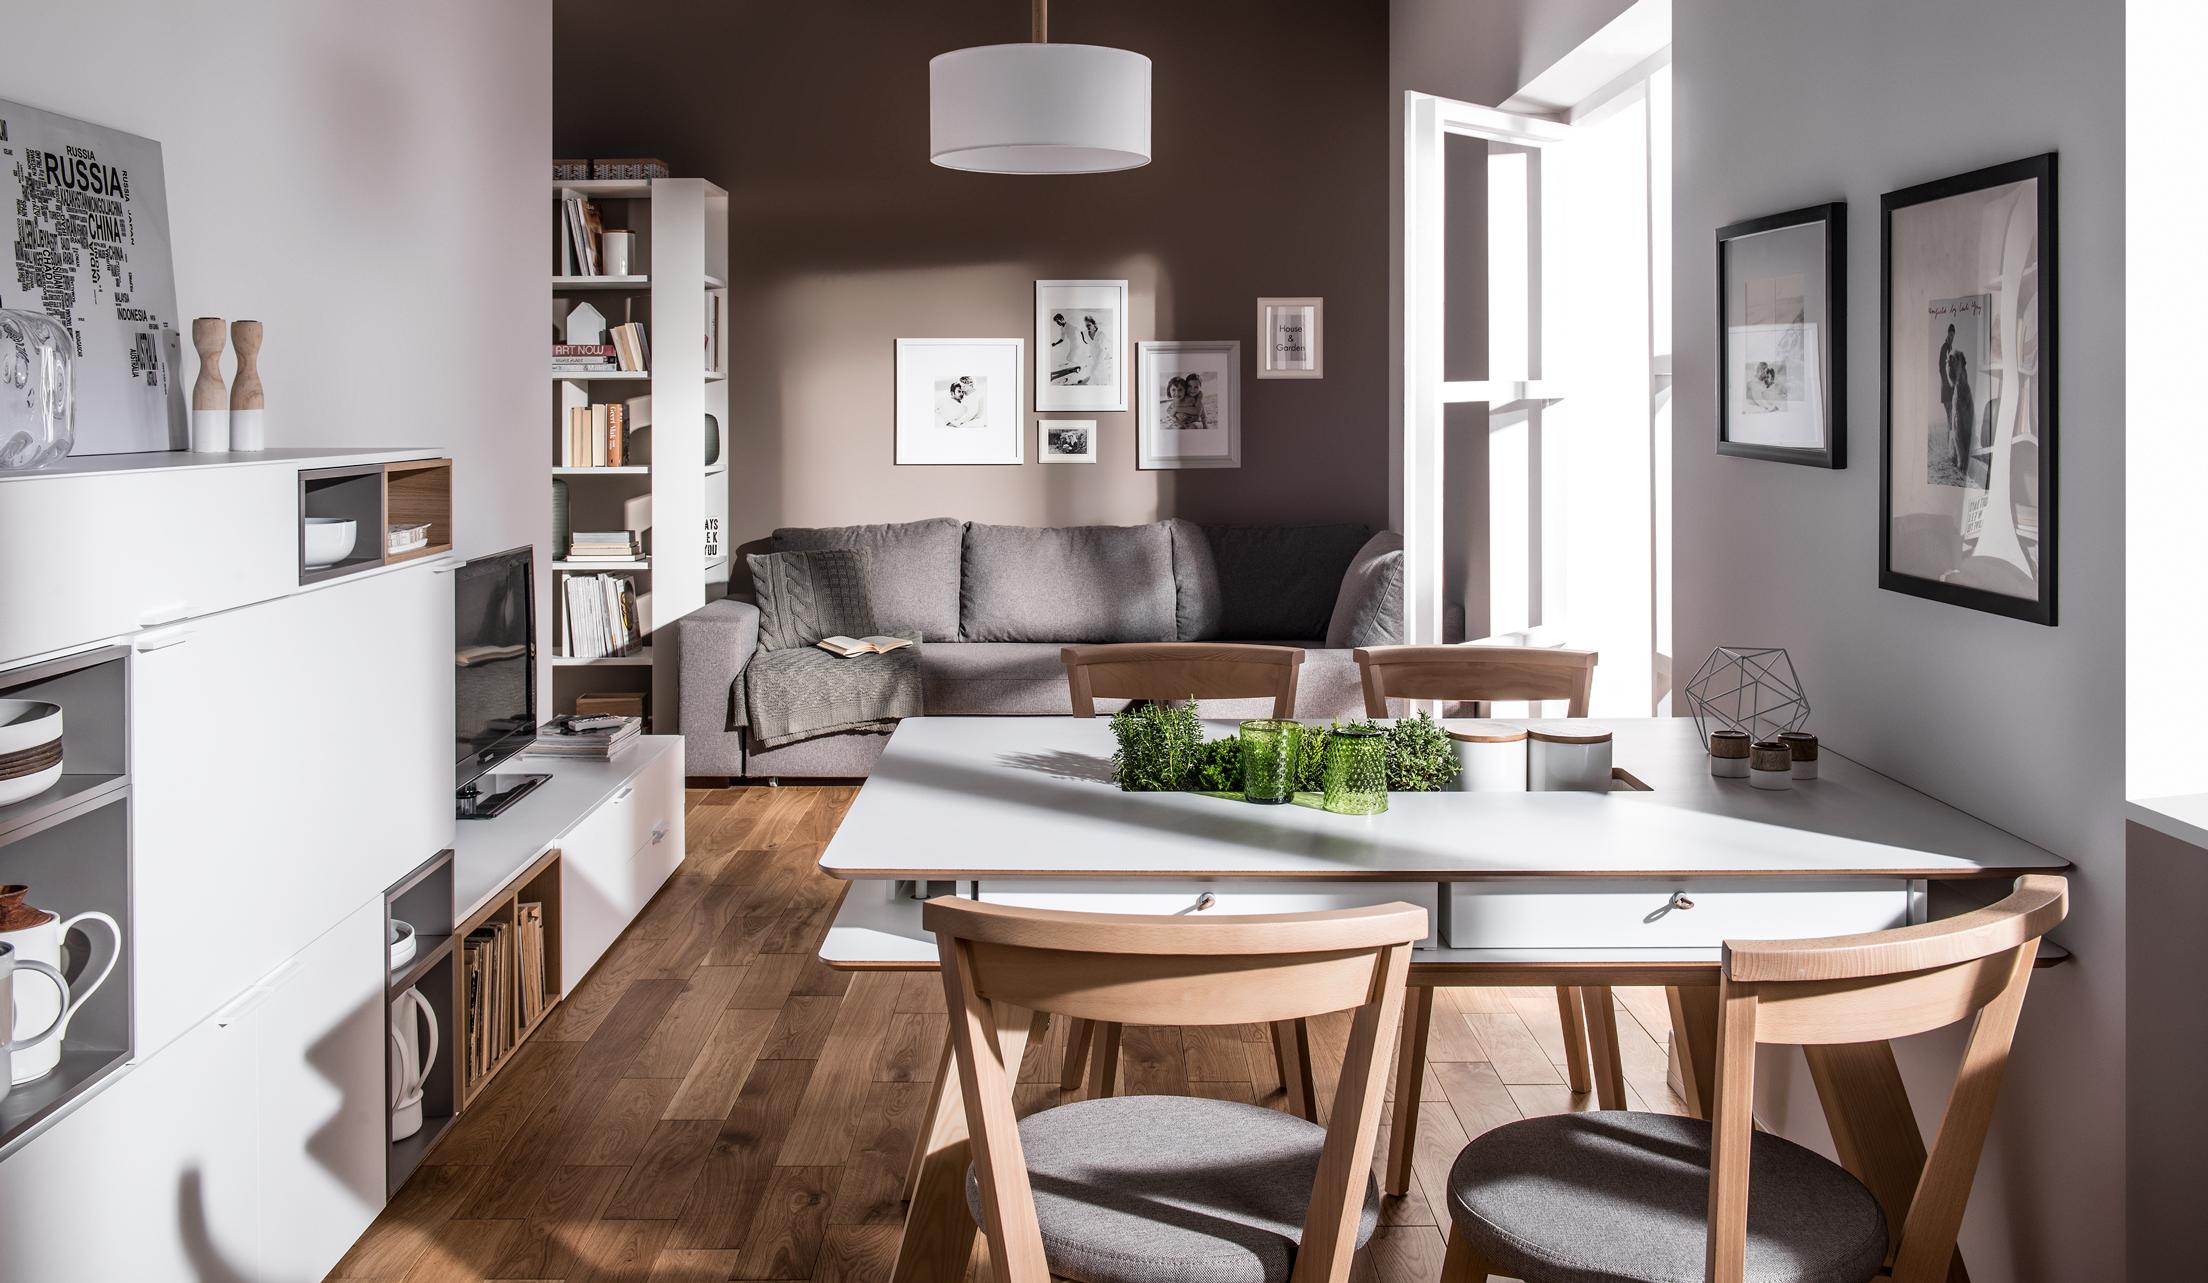 Stół Rozkładany Wnętrza Stół Vox In 2019 Dining Table